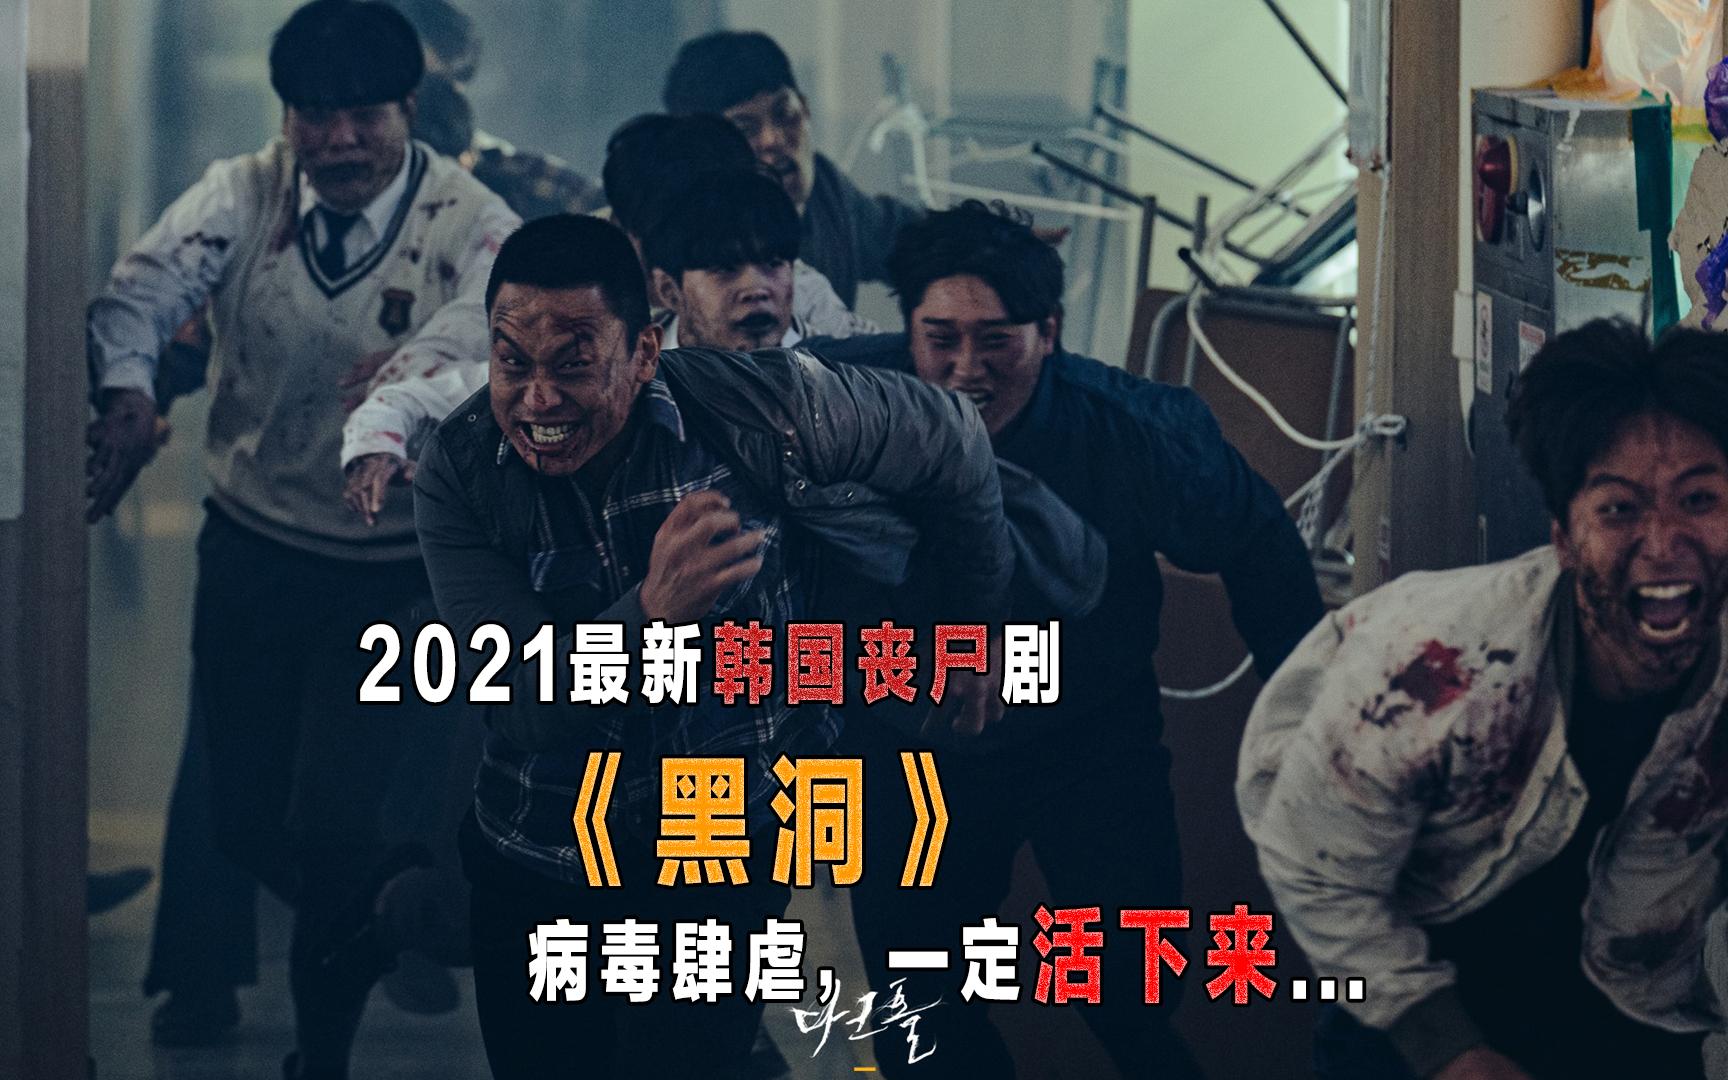 2021韩国丧尸灾难剧《黑洞》第二期,变异丧尸爆发席卷之势!